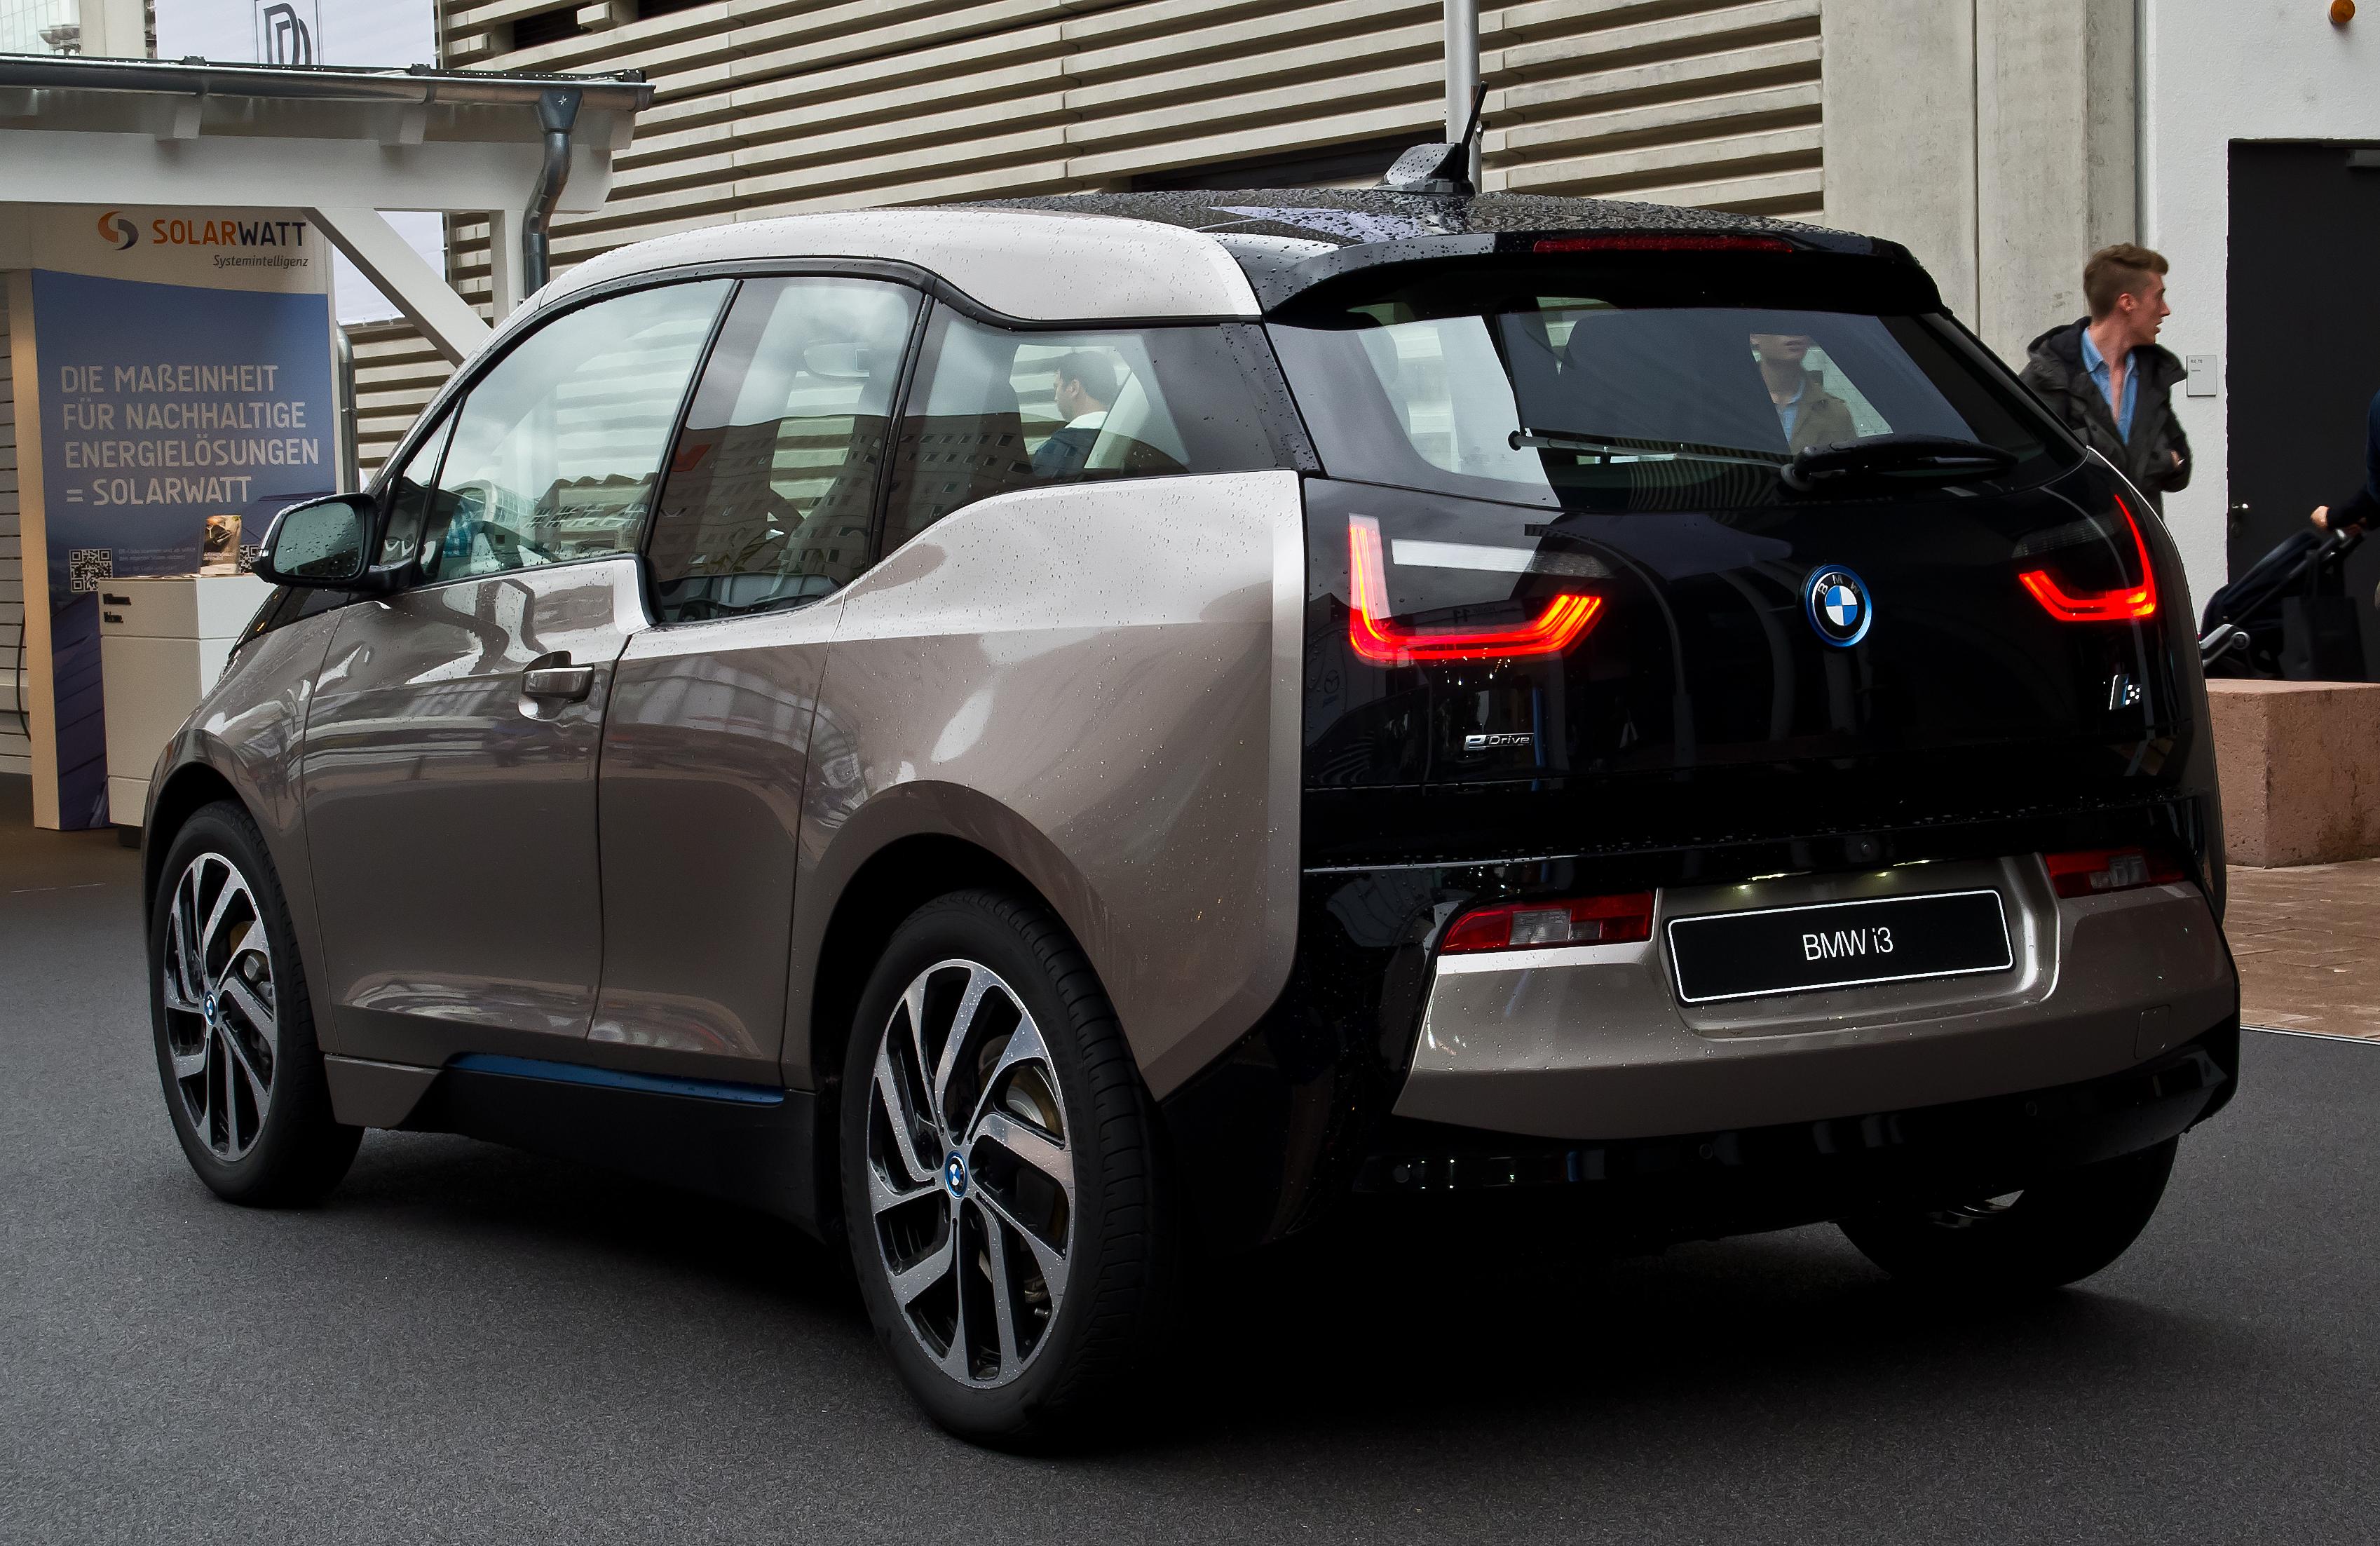 BMW_i3_%E2%80%93_Heckansicht,_14._Septem